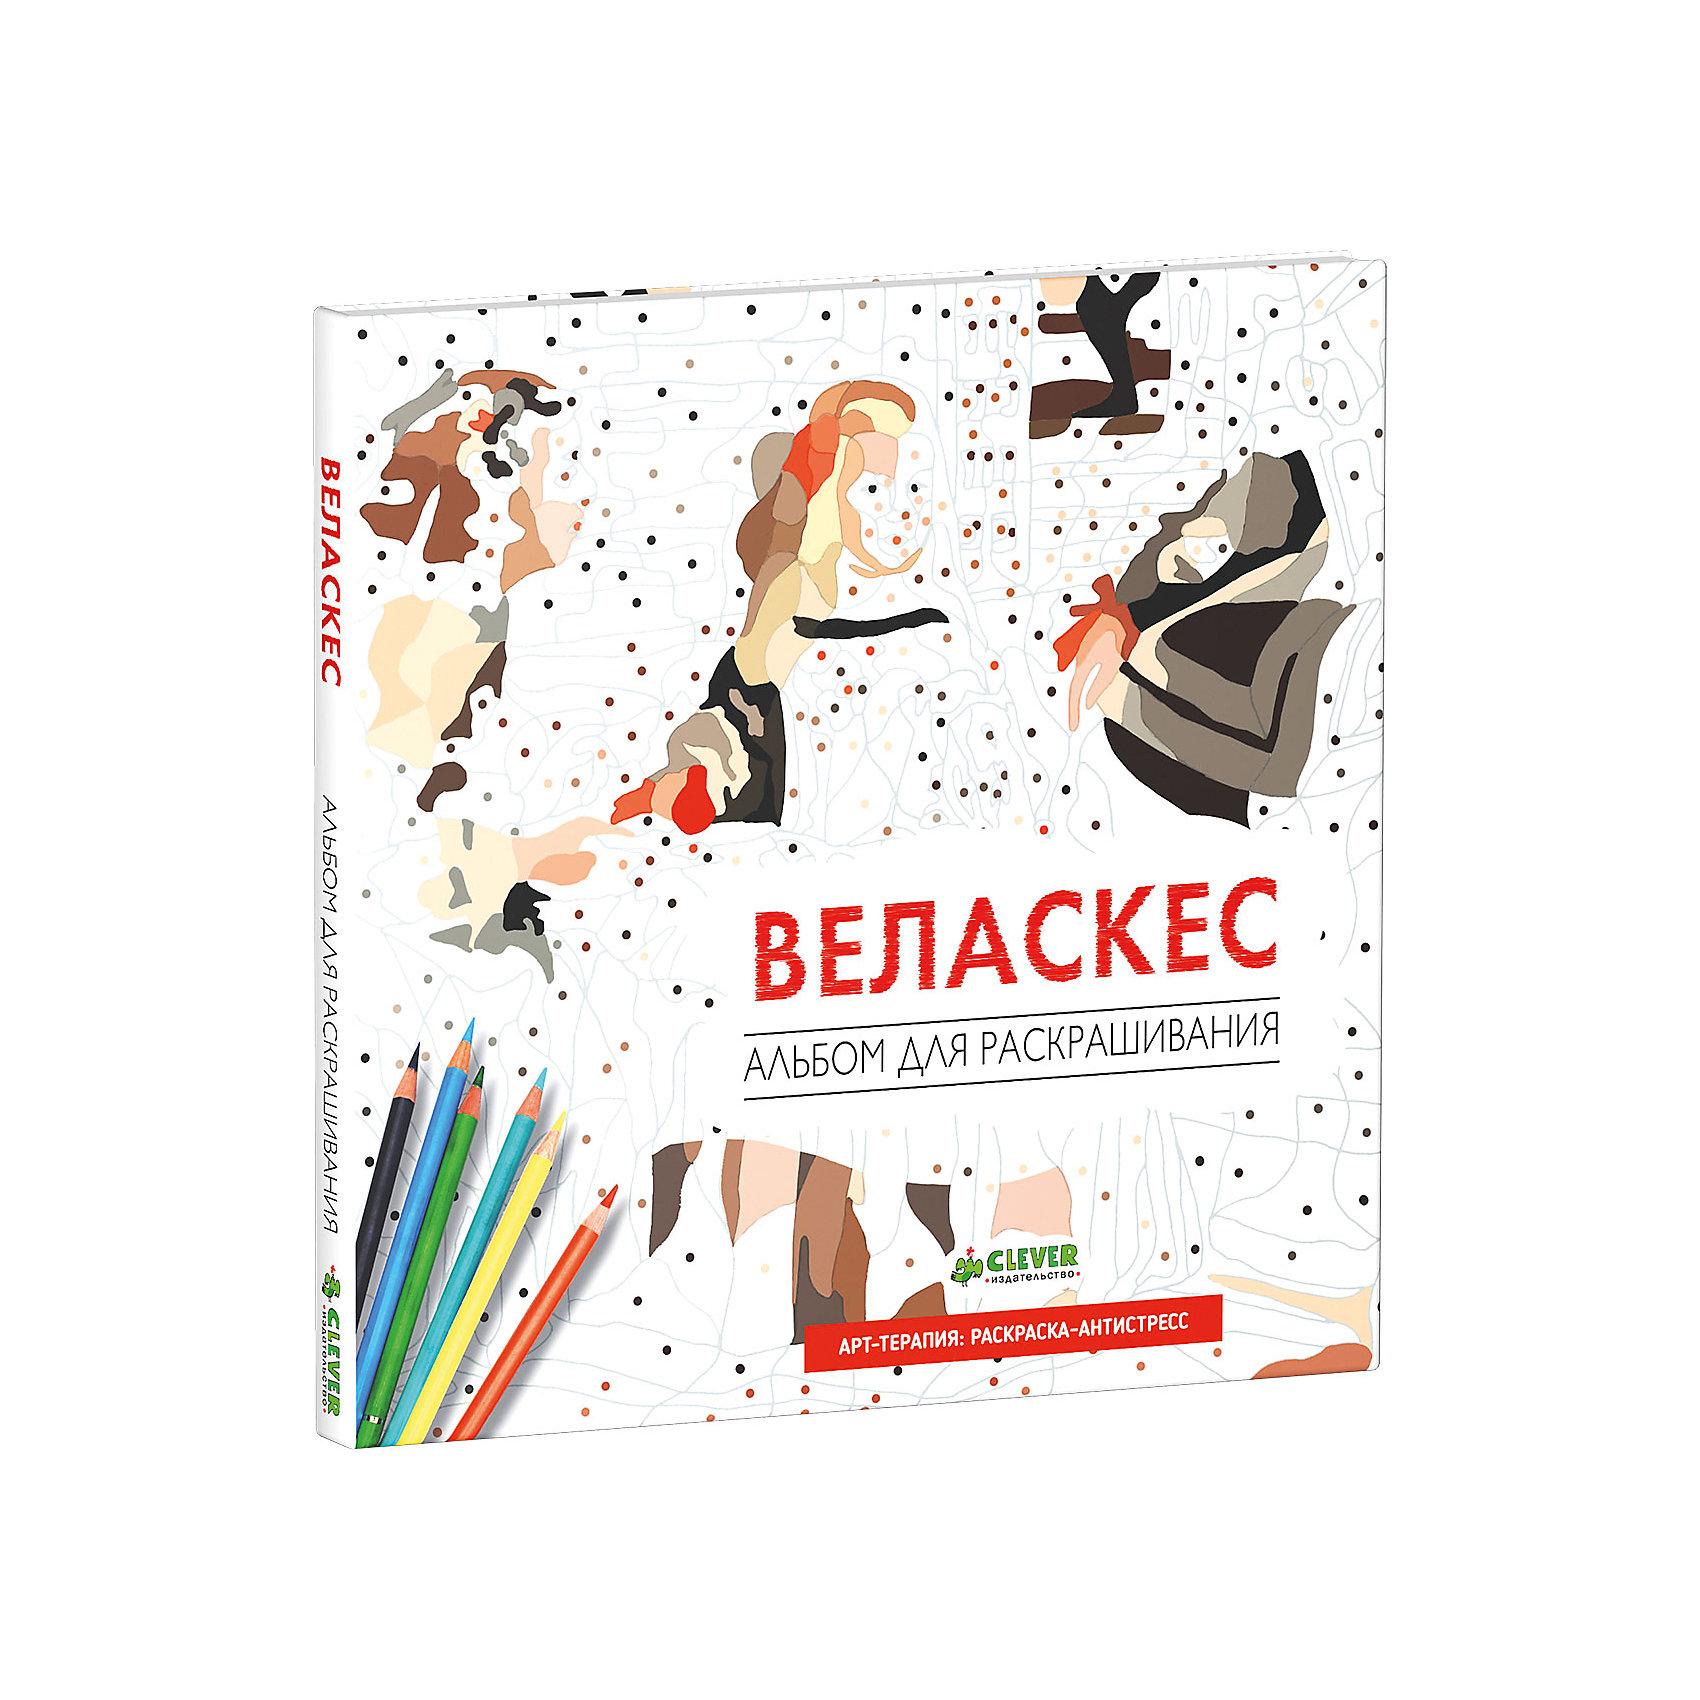 Альбом для раскрашивания ВеласкесПочувствовать себя великим художником - легко! Познакомить ребенка со знаменитыми картинами Веласкеса поможет это издание. Альбом очень красиво выглядит, он напечатан на специальной бумаге, внутри - страницы с рисунками для раскрашивания, поэтому издание станет отличным подарком. <br>В него вошли самые впечатляющие творения художника, всего 21 картина. Также в альбоме есть примеры картин в цвете и советы по нанесению краски. Раскрашивая картинки, ребенок будет развивать навыки рисования, а взрослый - снимать стресс. Потом картины мложно легко извлечь из альбома и вставить в рамку.<br><br>Дополнительная информация:<br><br>размер: 20 х 20 см;<br>страниц: 96;<br>офсетная печать.<br><br>Издание Альбом для раскрашивания Веласкес можно купить в нашем интернет-магазине.<br><br>Ширина мм: 200<br>Глубина мм: 200<br>Высота мм: 10<br>Вес г: 210<br>Возраст от месяцев: 84<br>Возраст до месяцев: 132<br>Пол: Унисекс<br>Возраст: Детский<br>SKU: 4976188